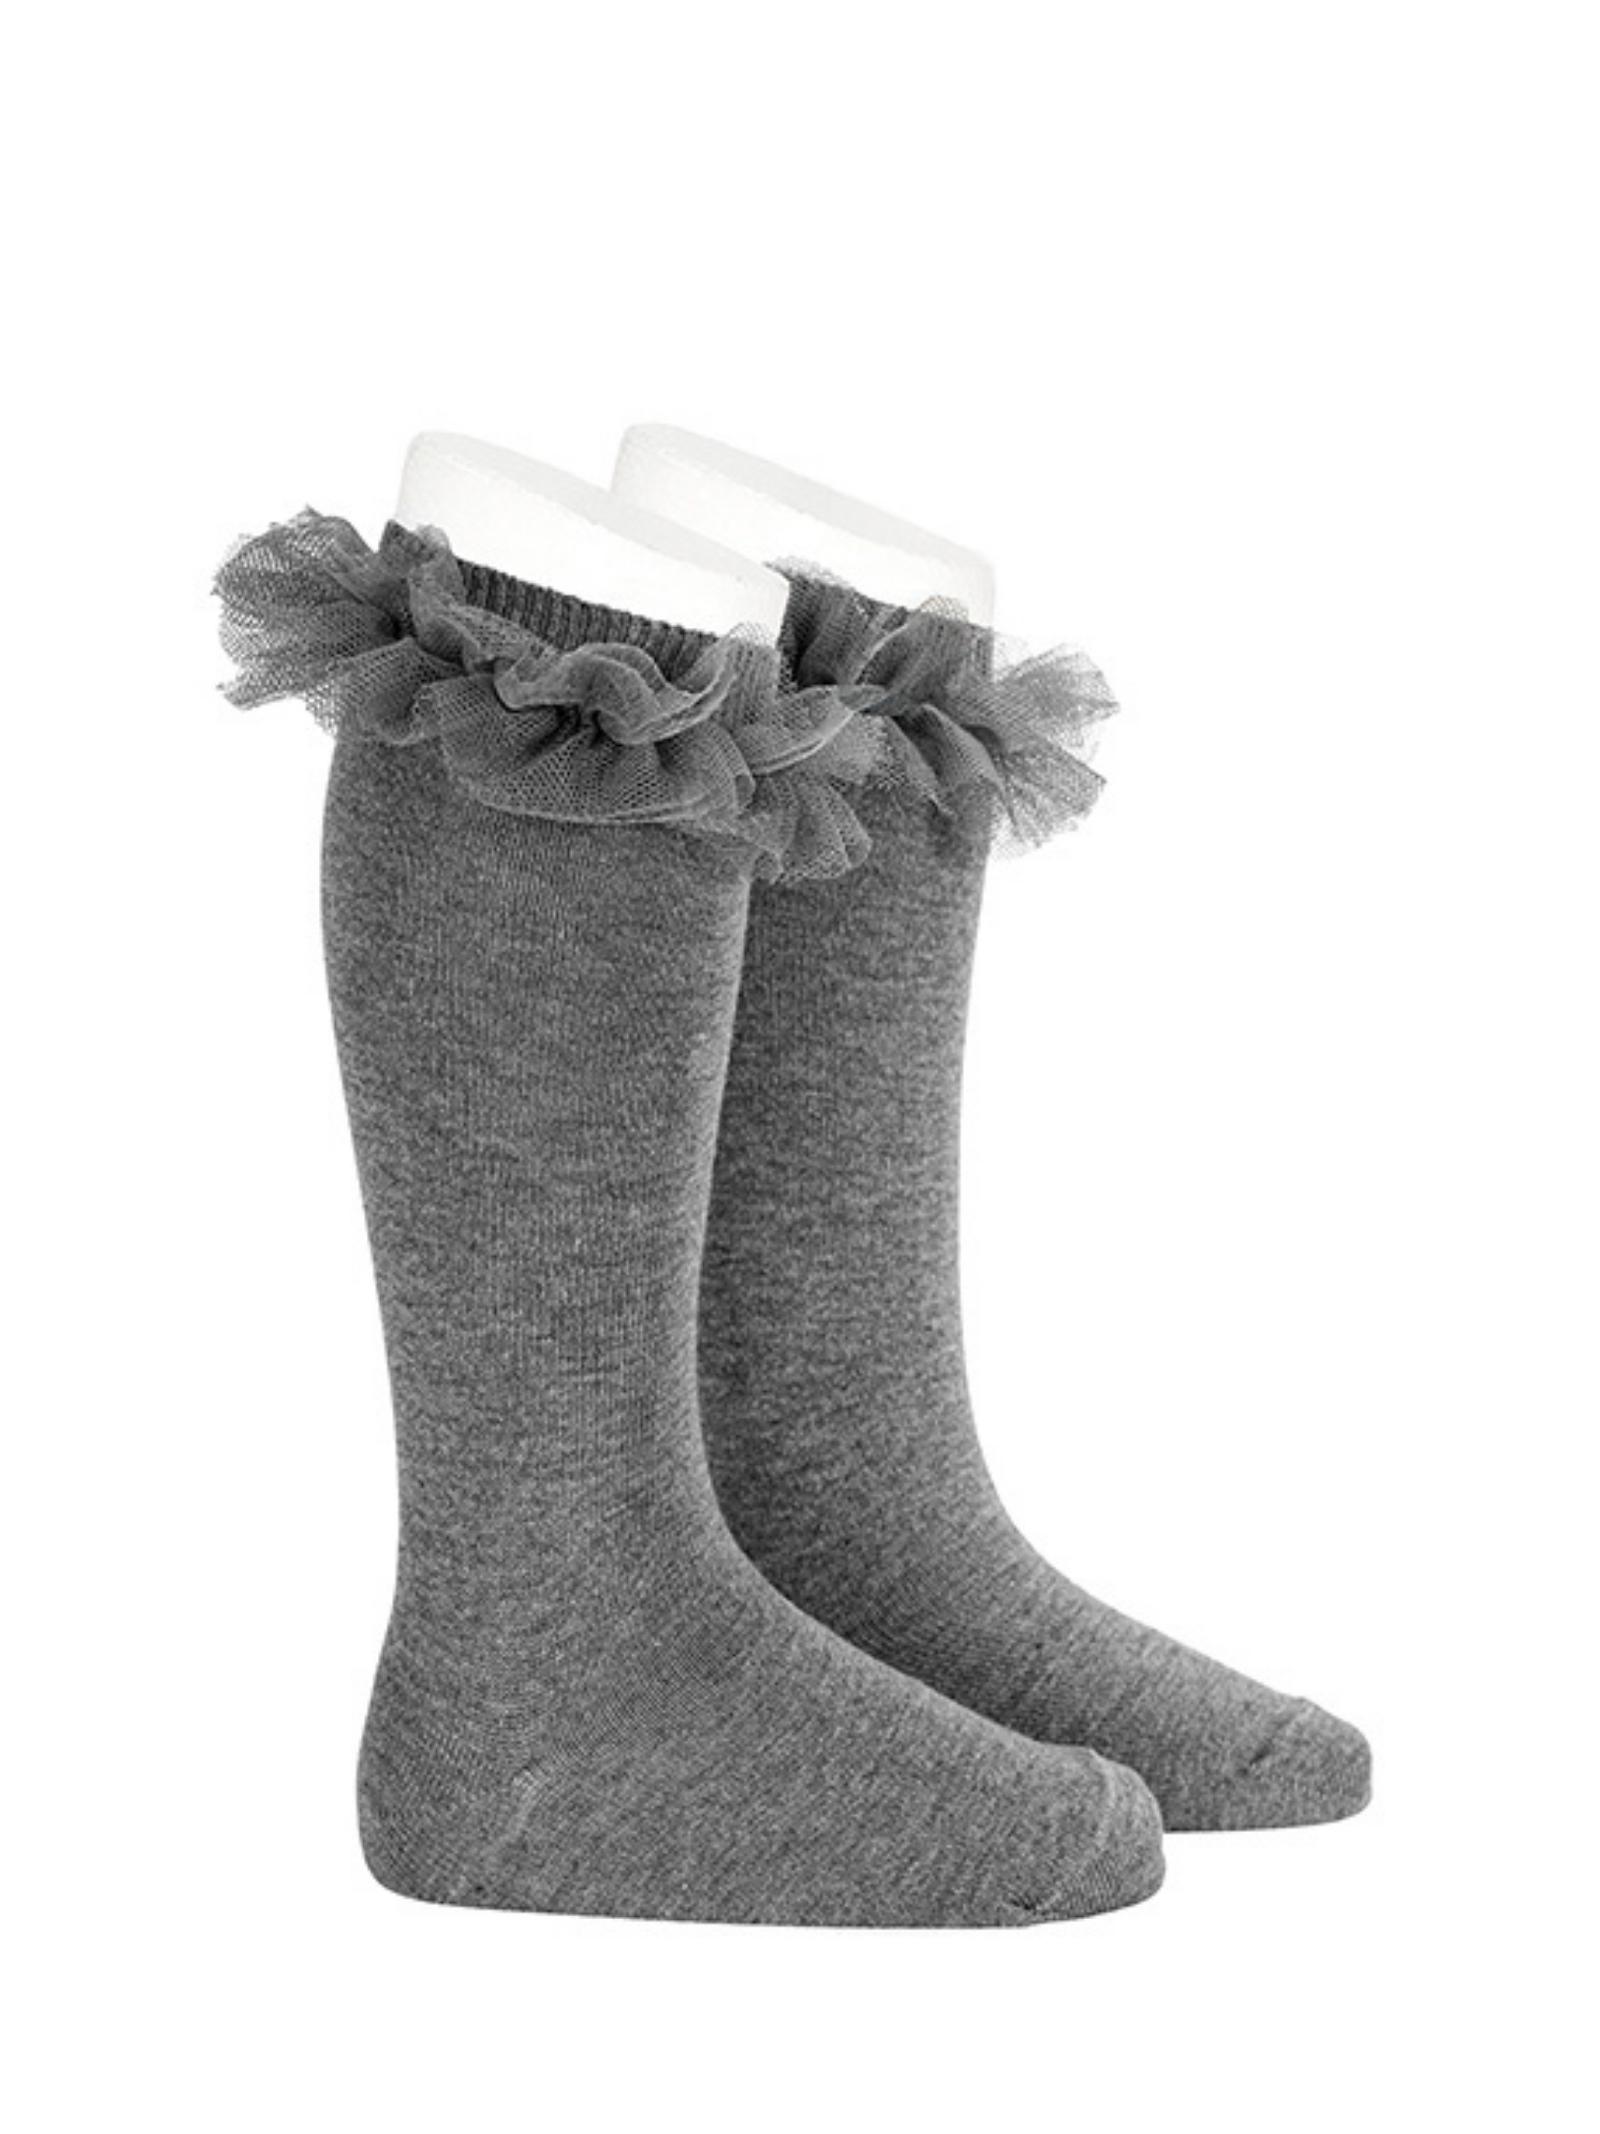 High Tulle Socks for Girls CONDOR | Socks | 24942230